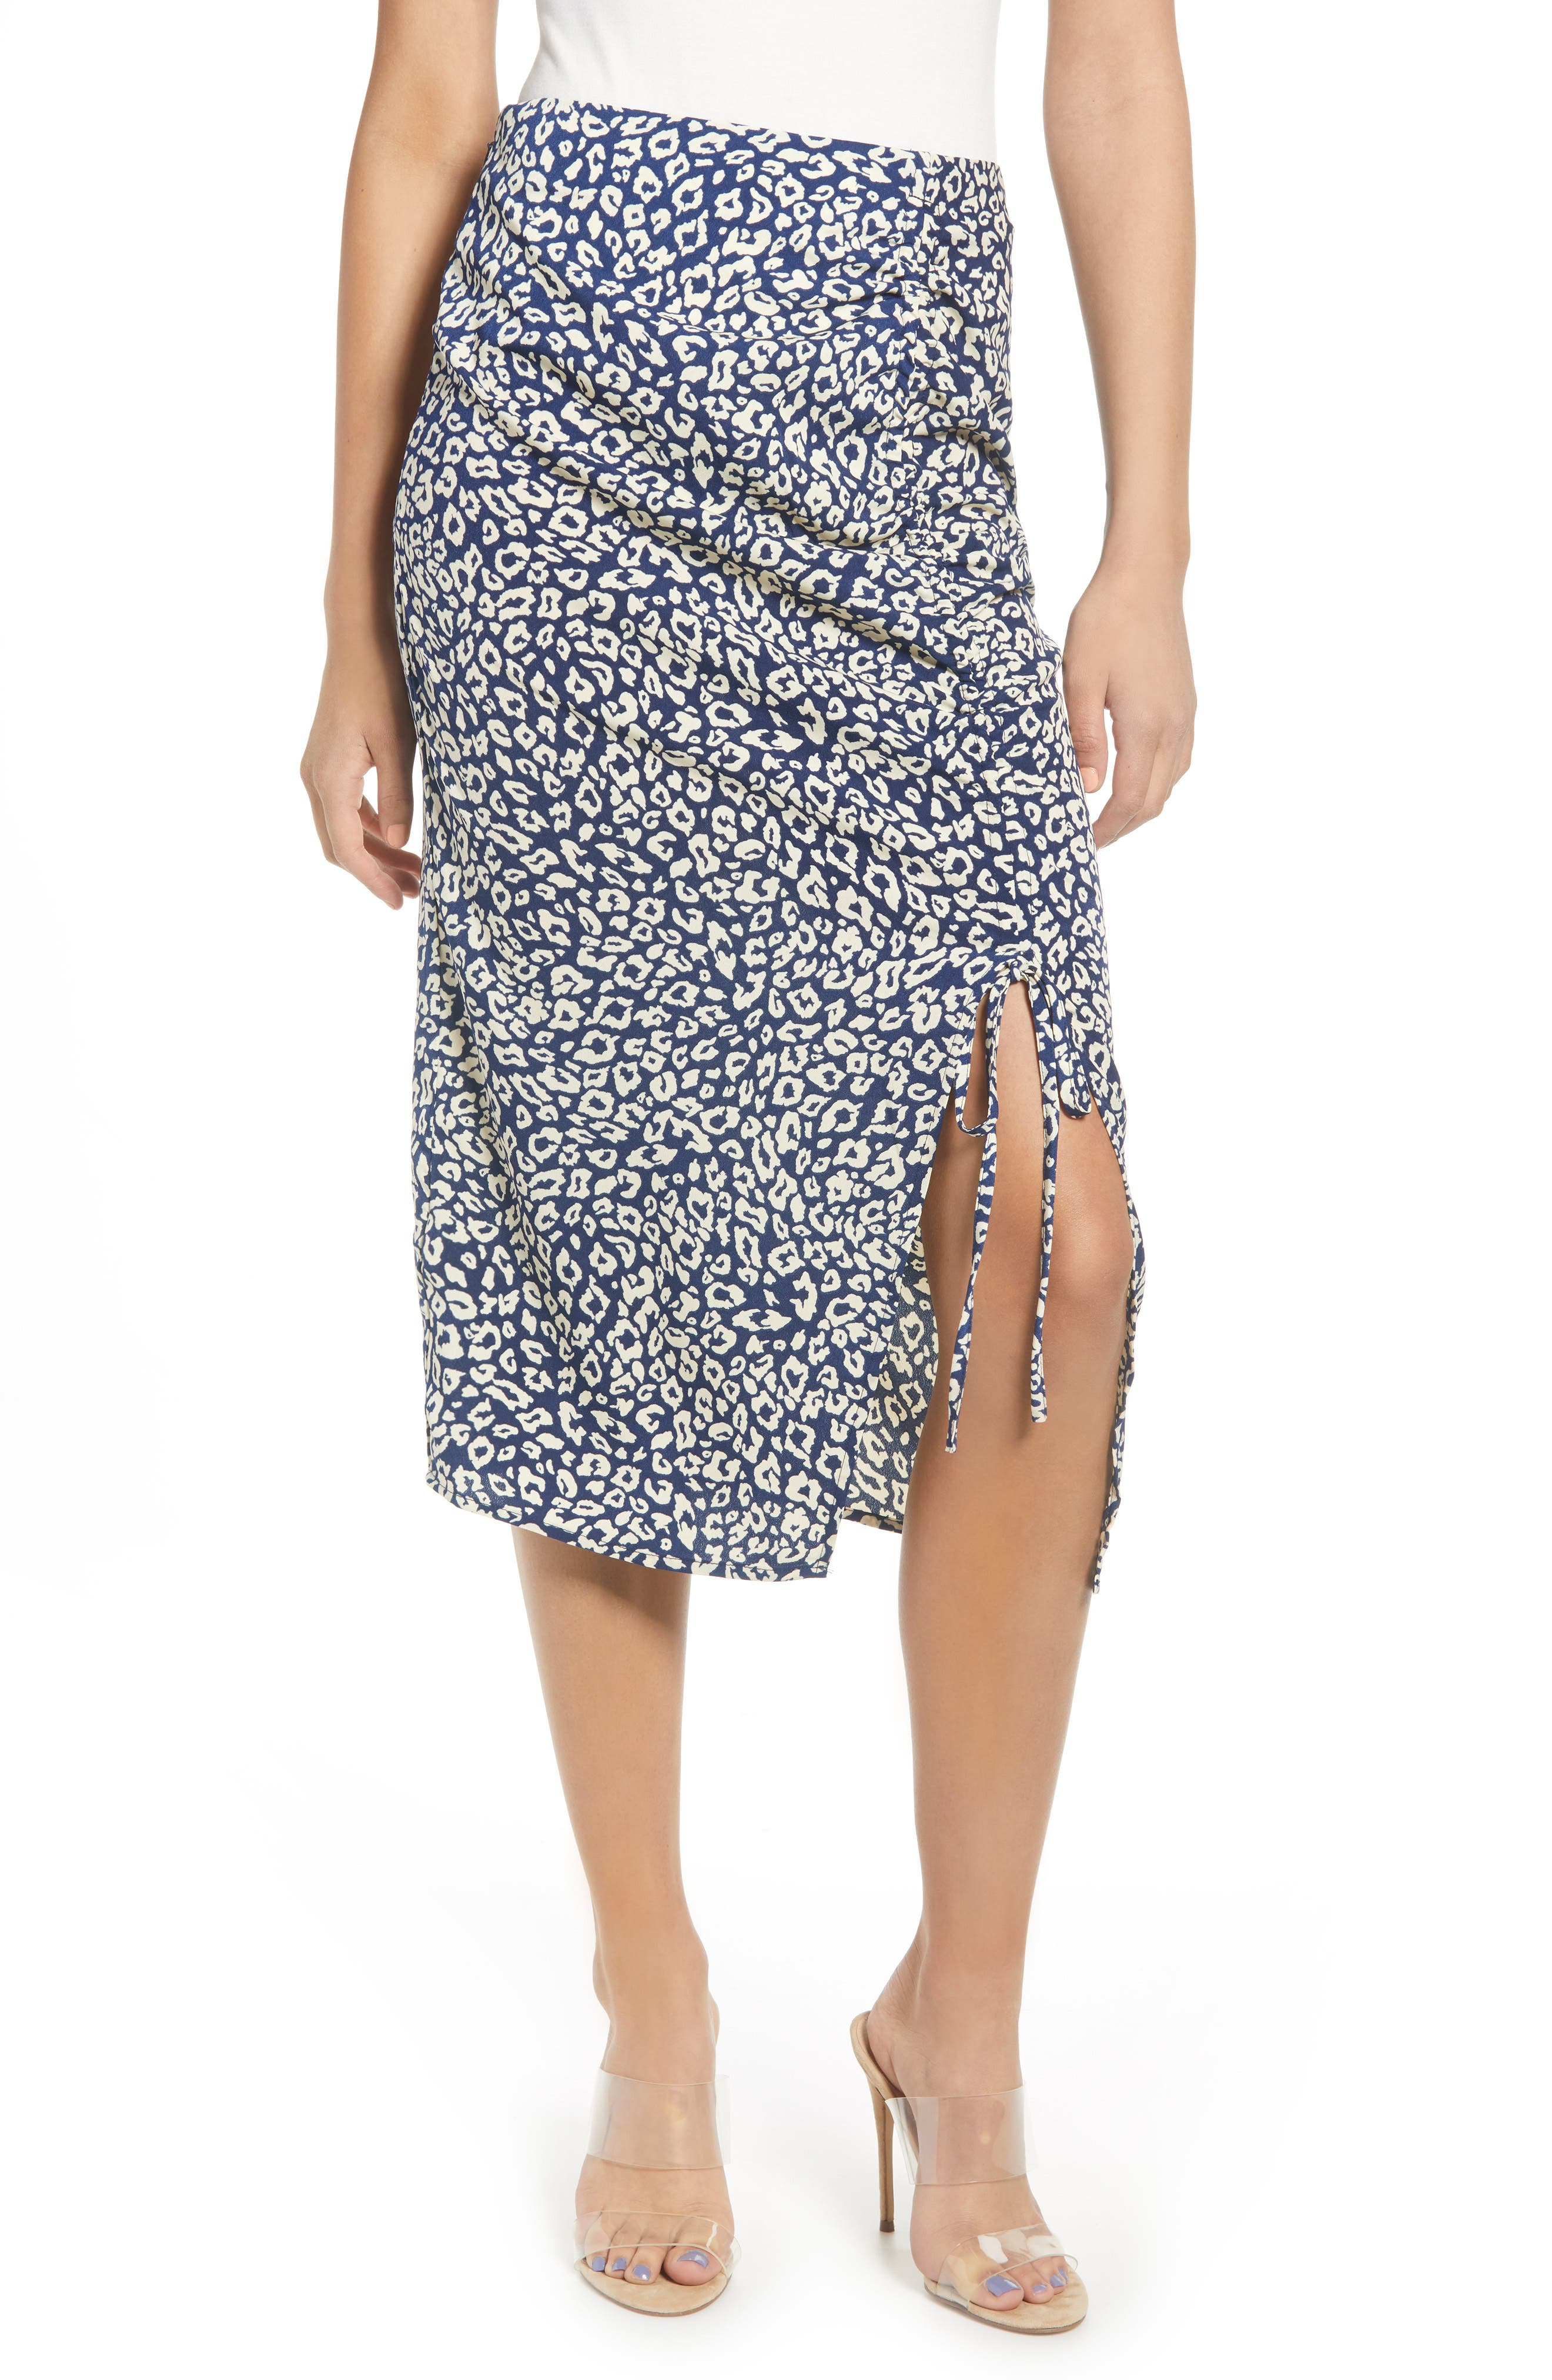 J.o.a. Ruched Midi Skirt, Beige